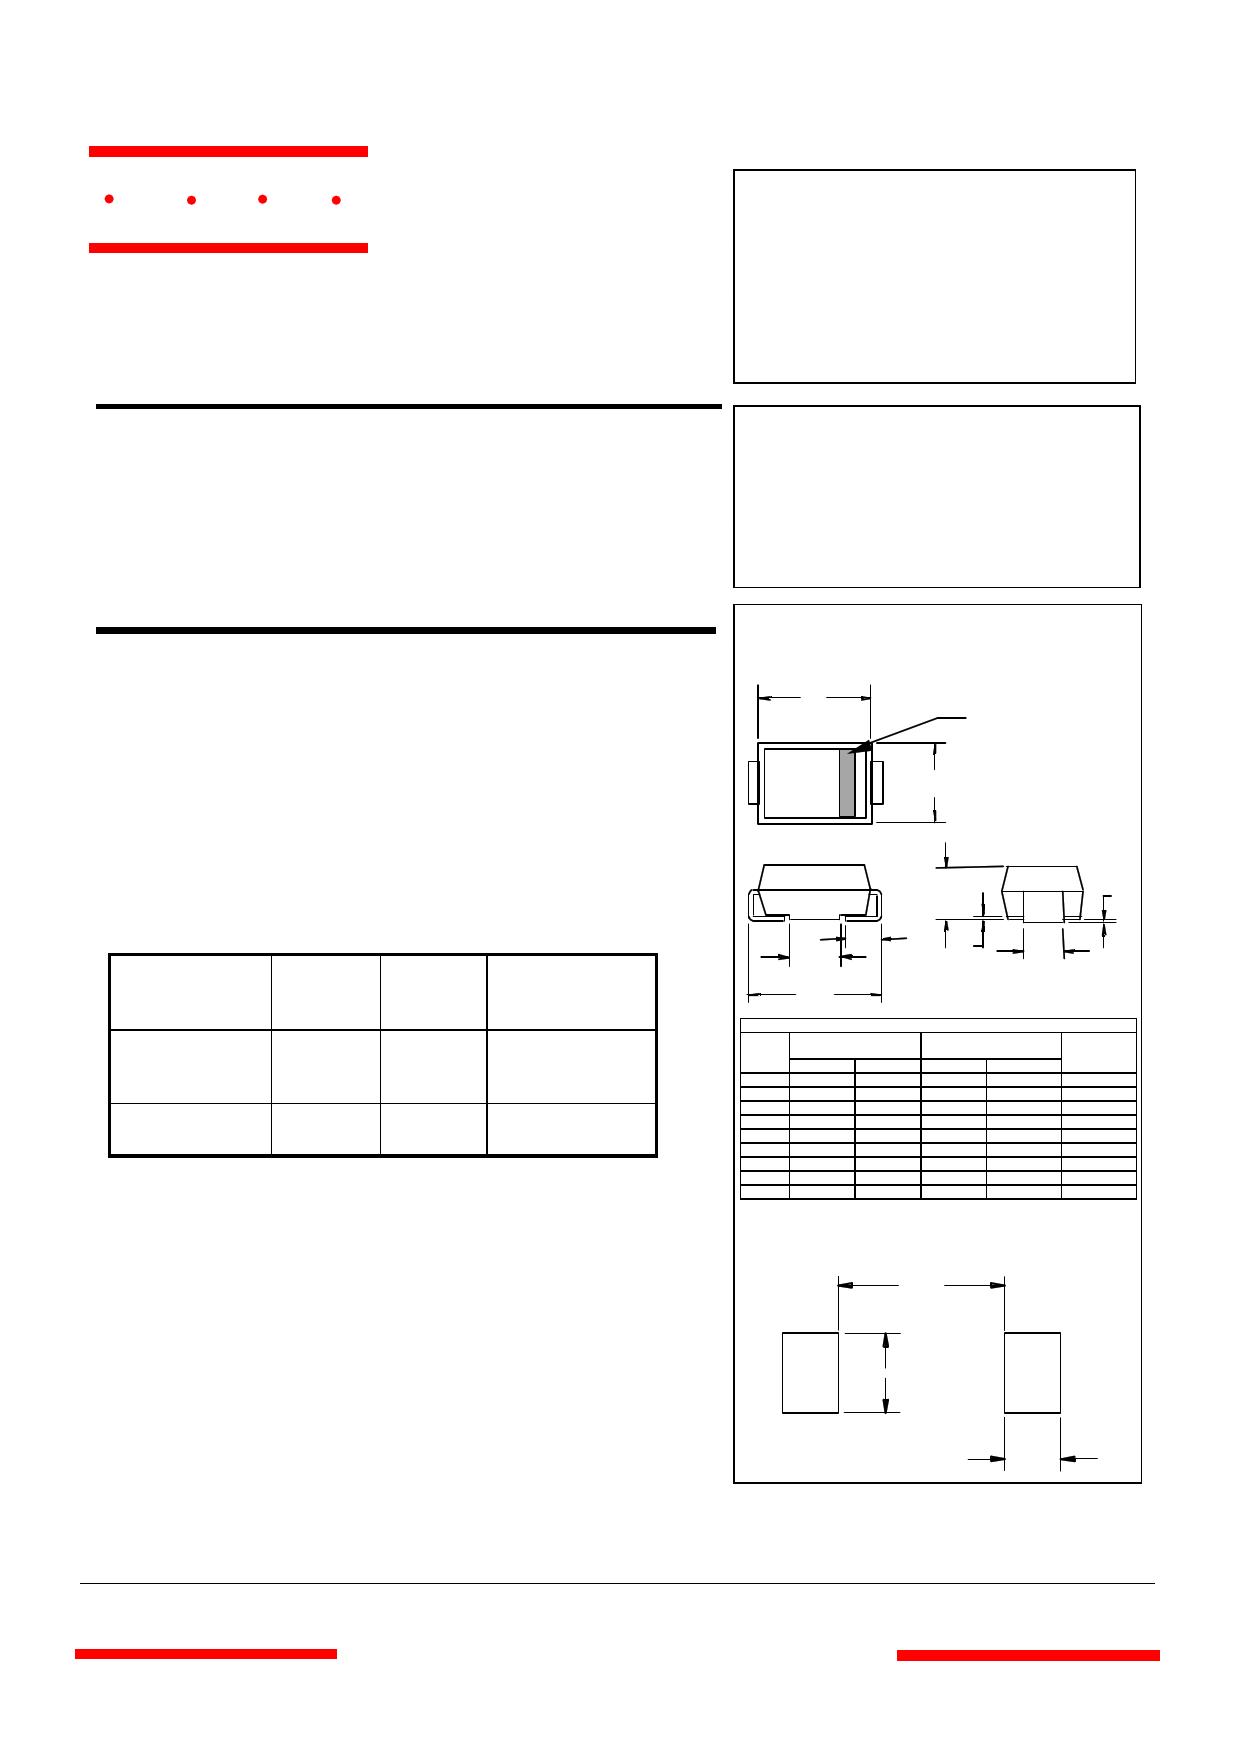 SMBJ5951 Datasheet, ピン配置, 機能